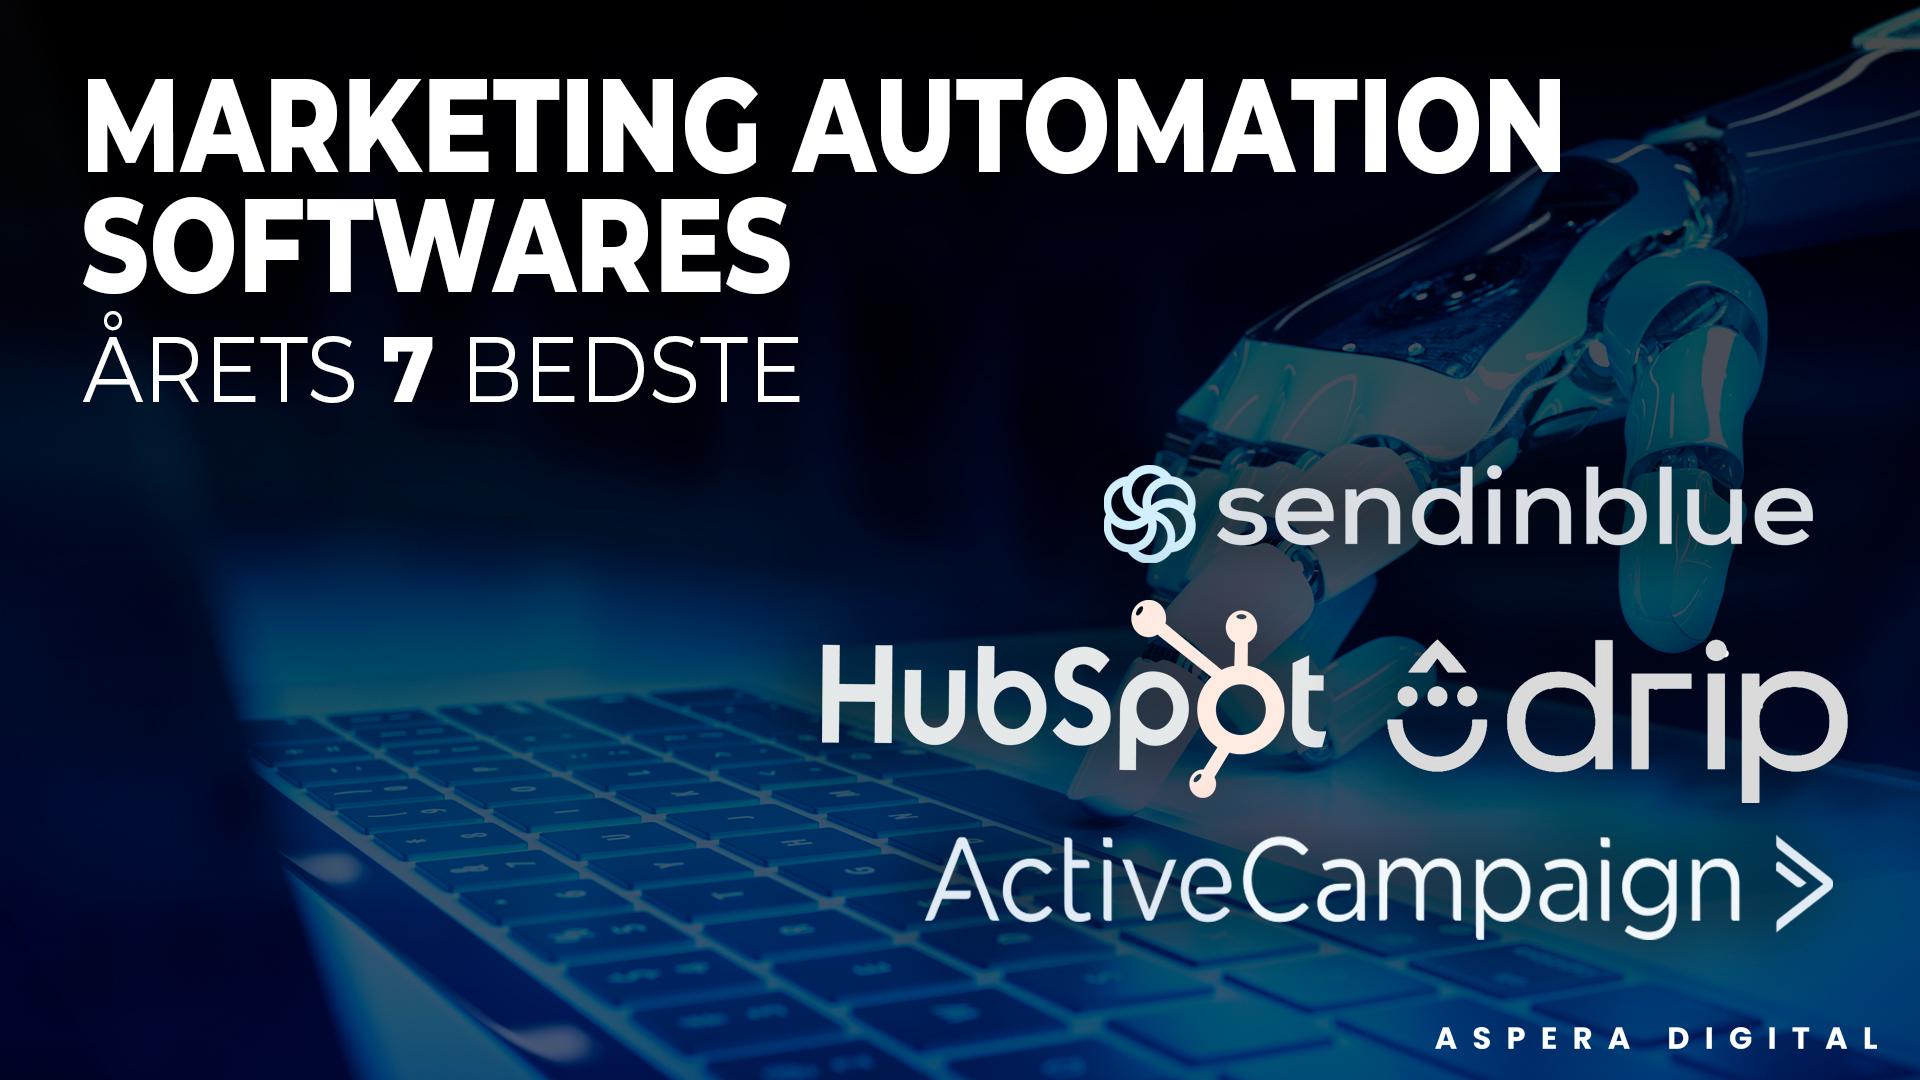 marketing automation softwares årets - blog